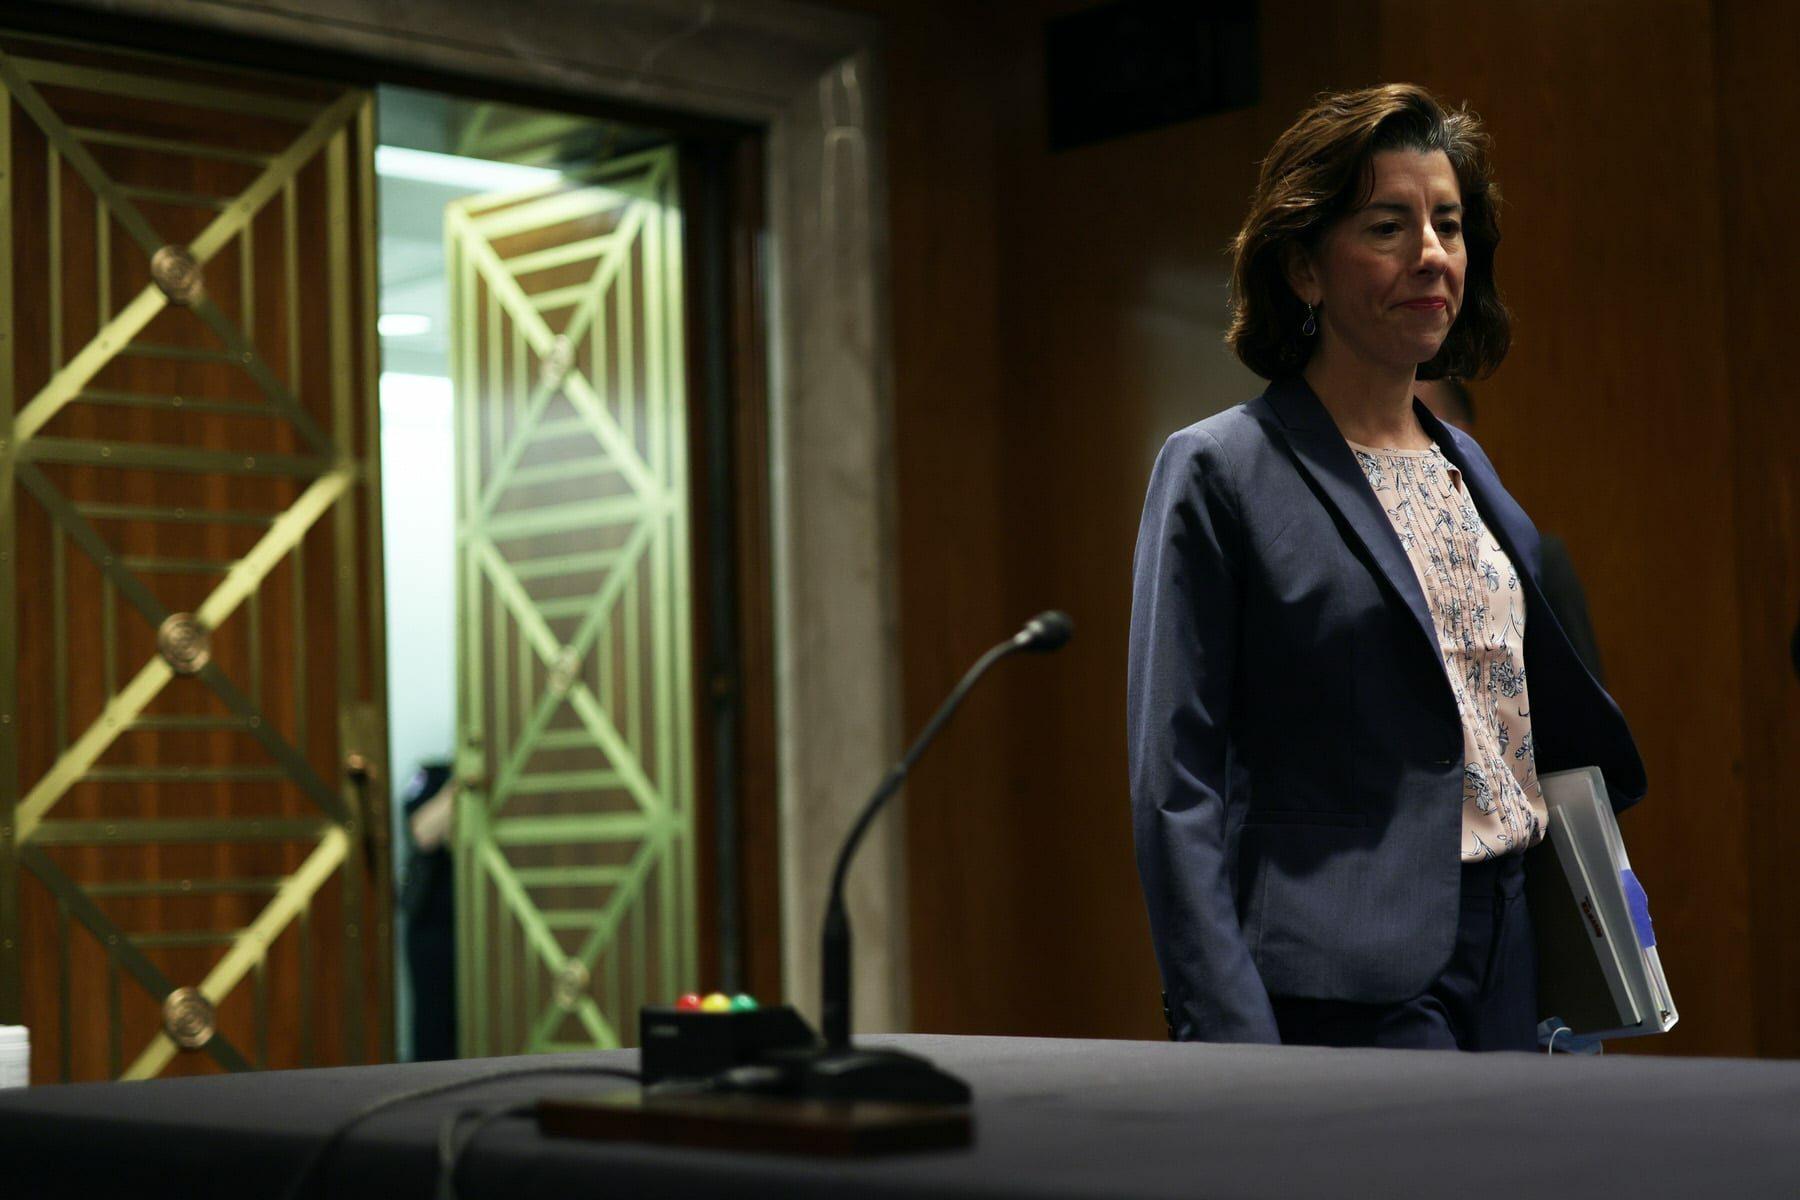 U.S. Secretary of Commerce Gina Raimondo walks into a hearing.